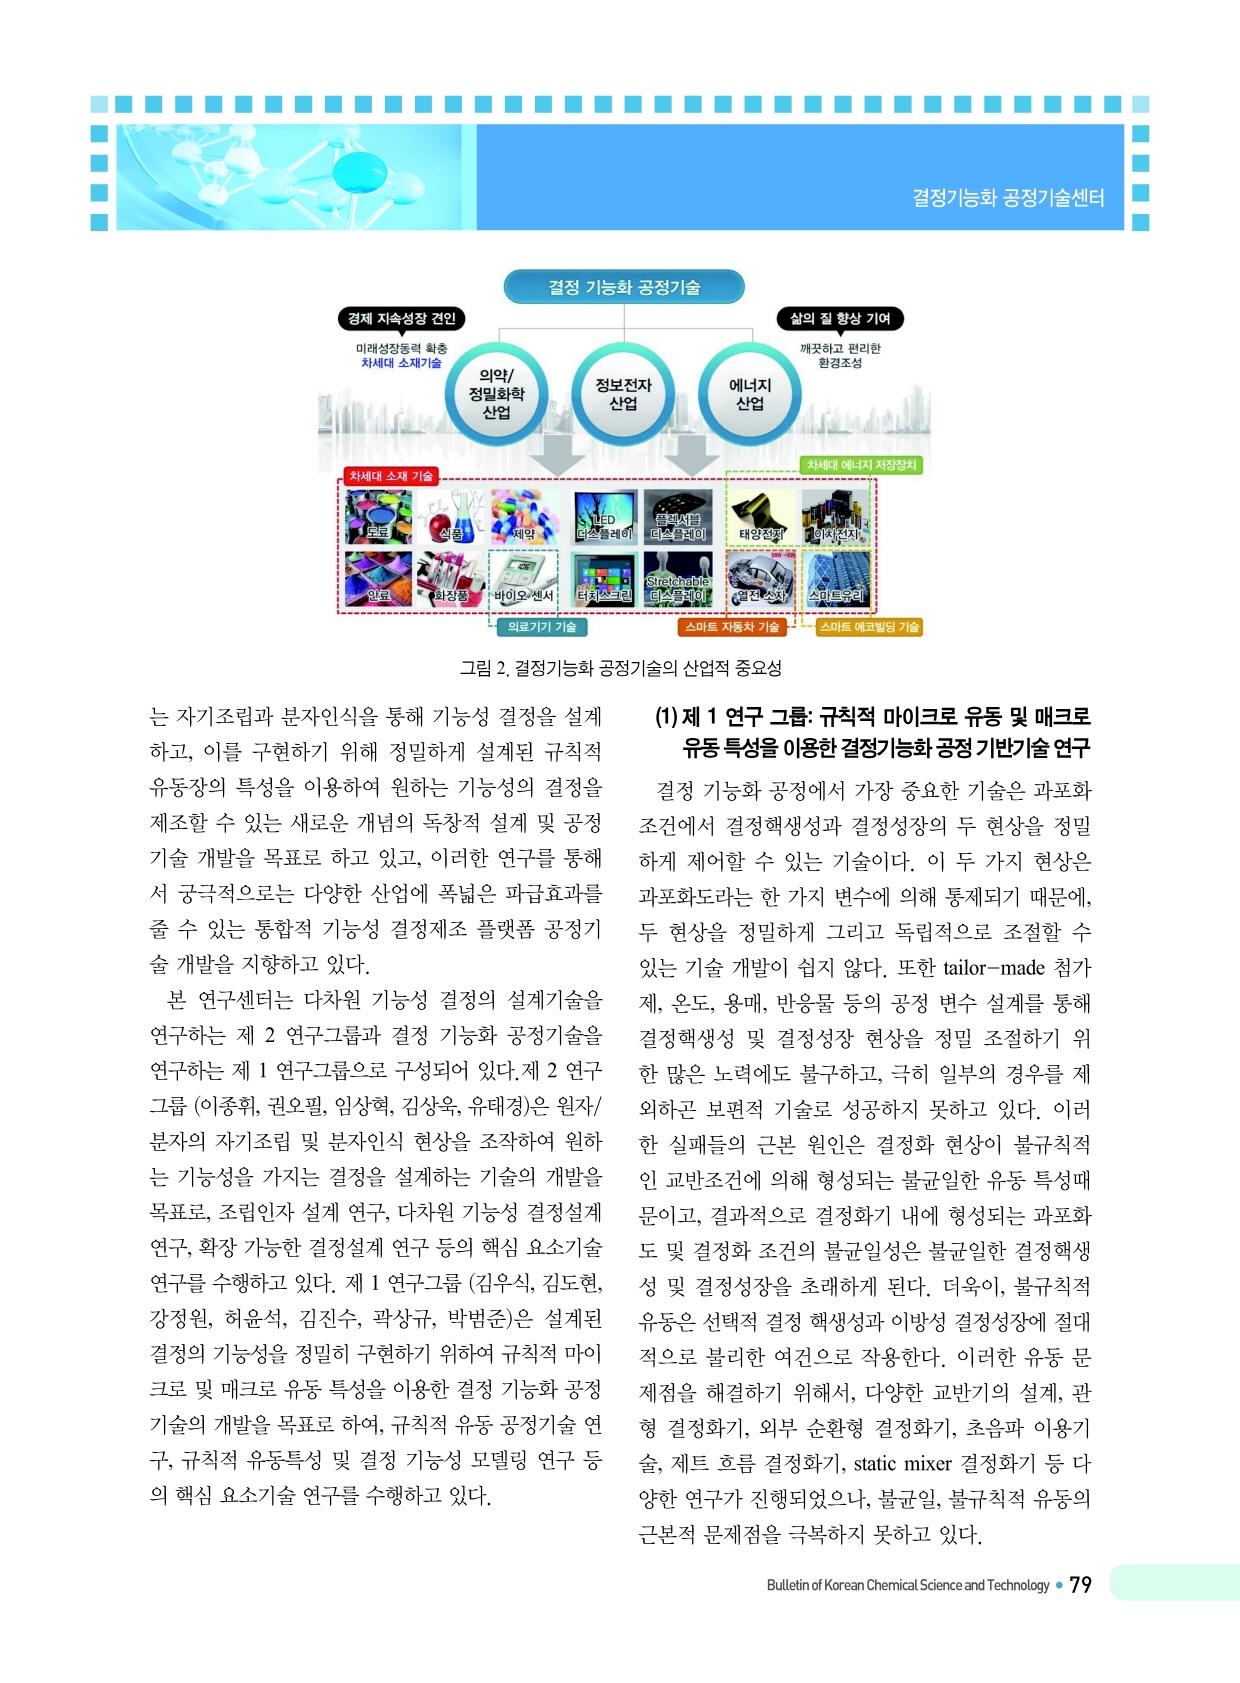 한국화학관련학회연합회_화학연합 8권1호_우수연구단체소개_2.jpg